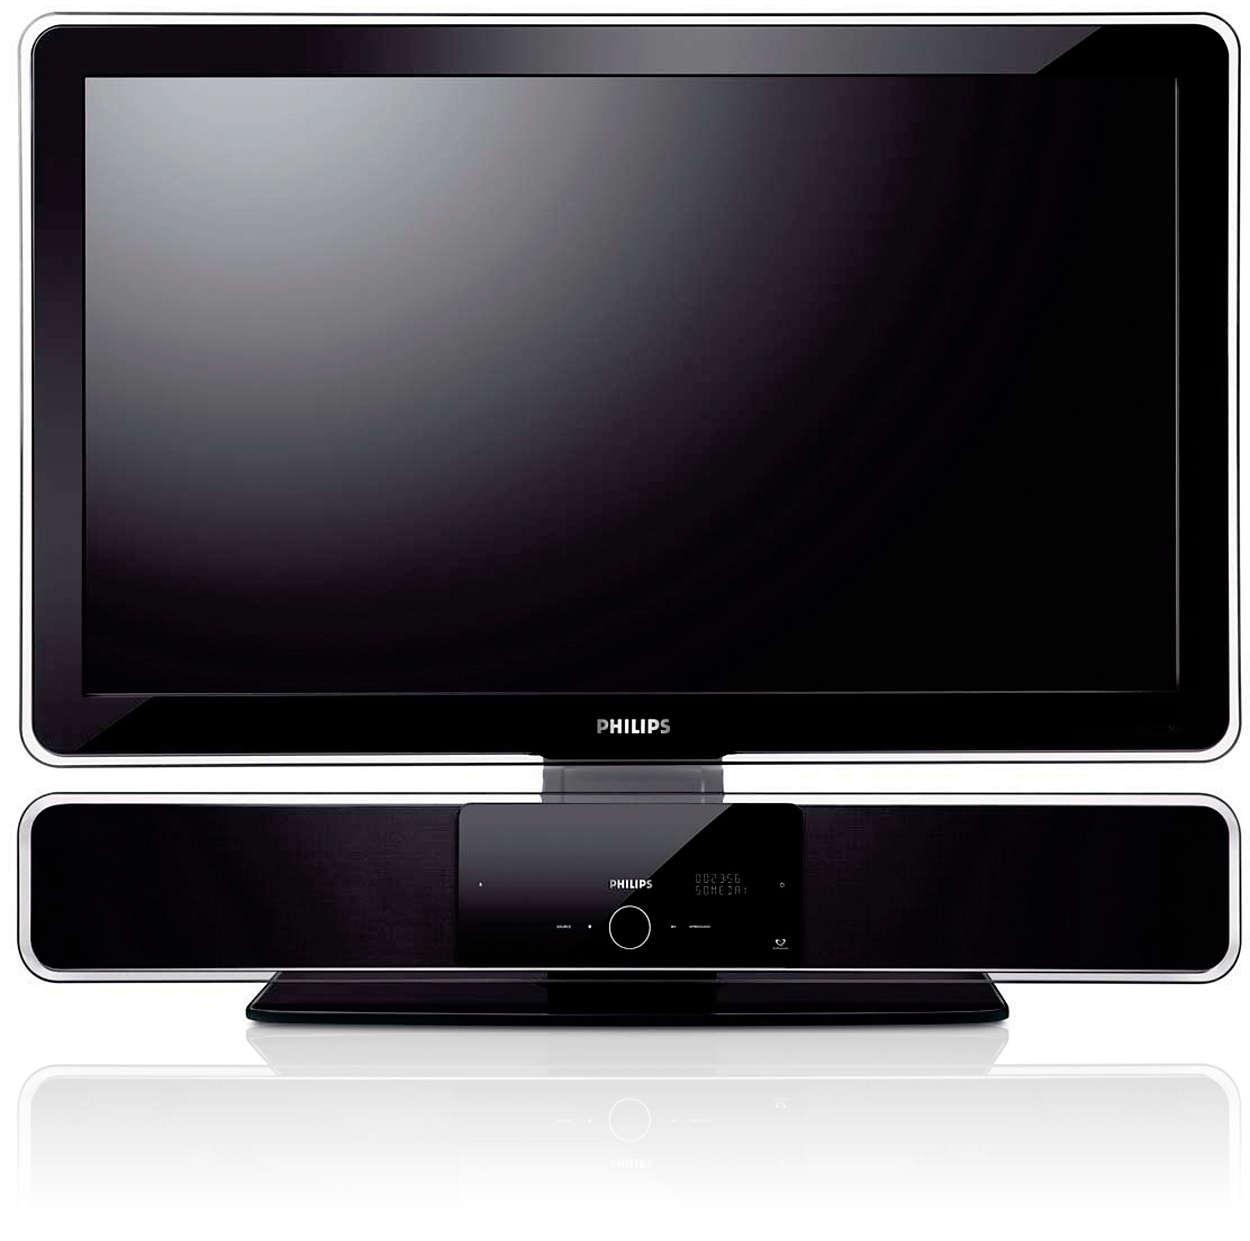 Speciaal ontworpen voor uw SoundBar en Flat TV